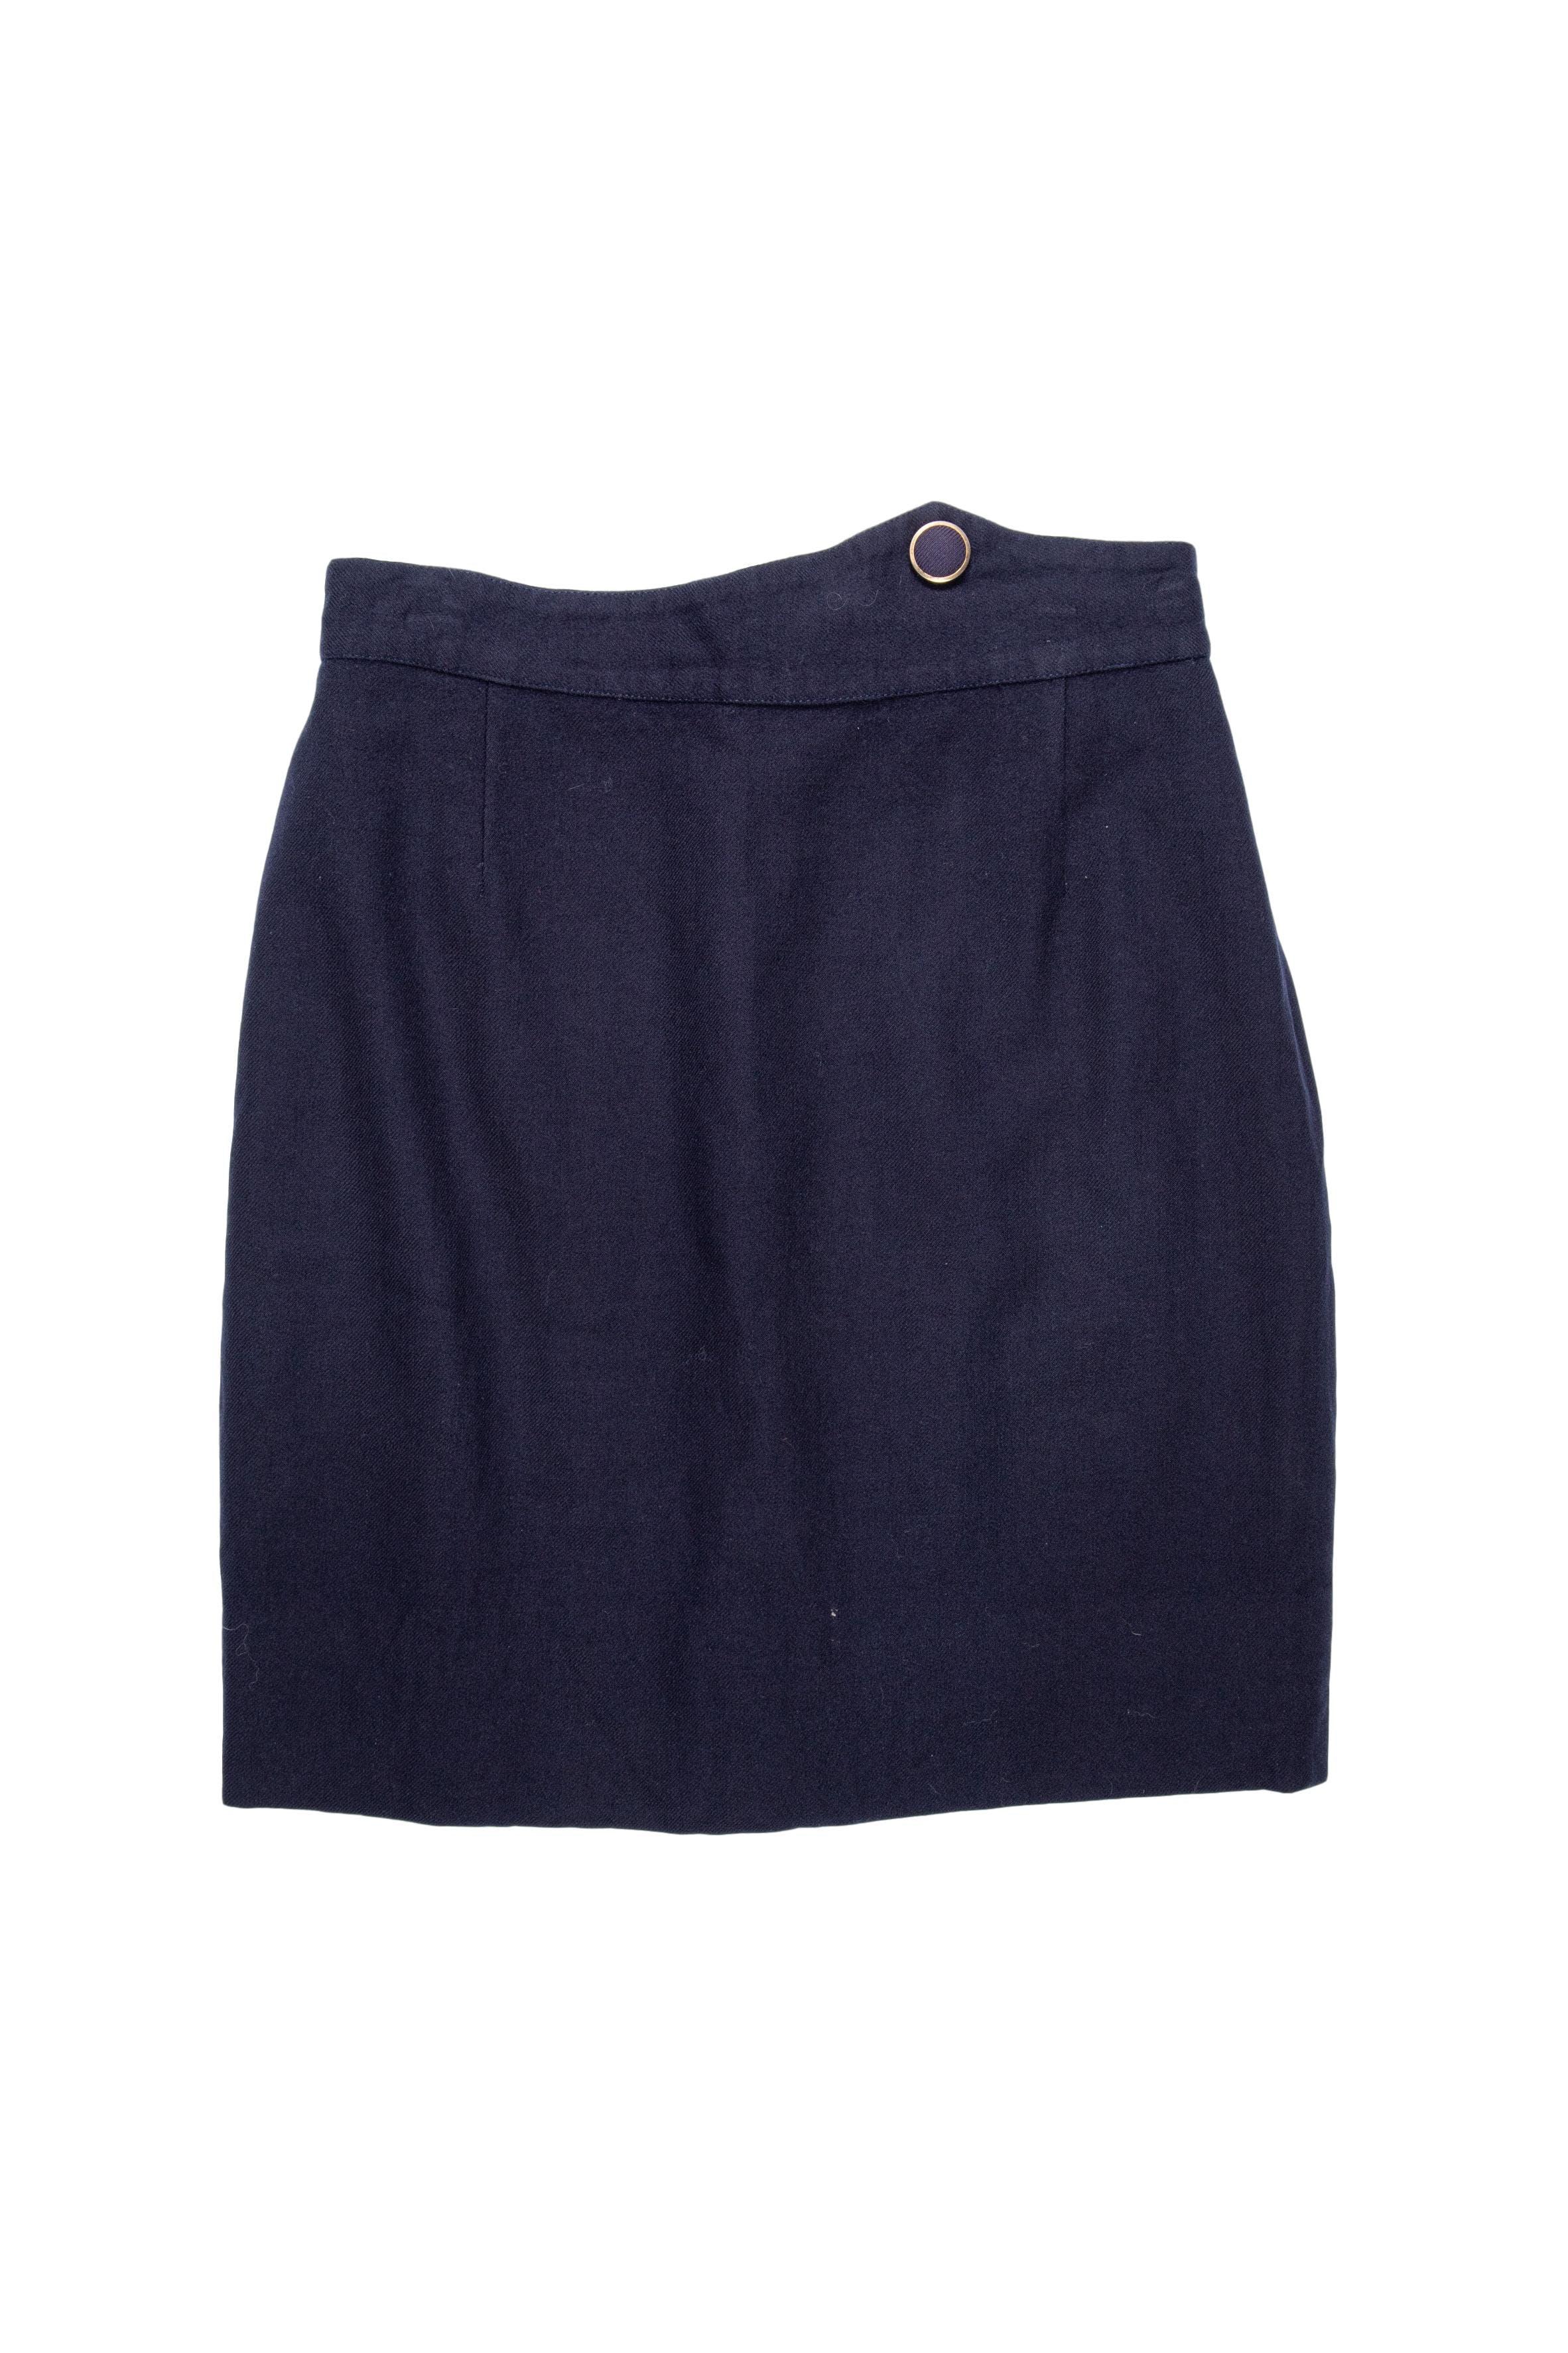 Falda de paño azul con botón forrado en la pretina, forrada y con cierre posterior. Cintura 70 cm, largo 50 cm